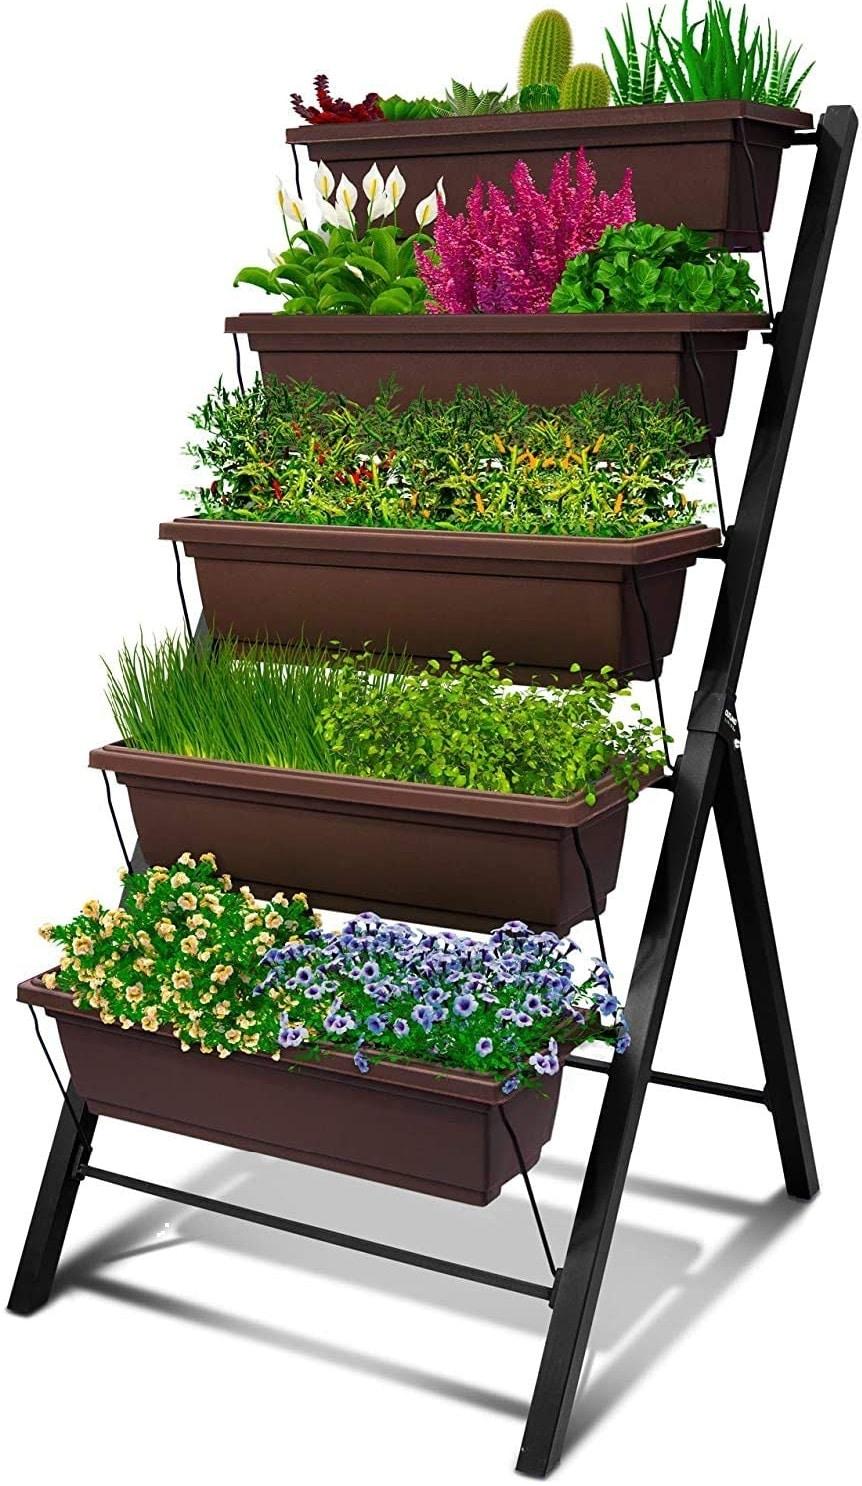 4Ft Vertical Raised Garden Bed - 5 Tier Food Safe Planter Box - Best Indoor Vertical Vegetable Garden